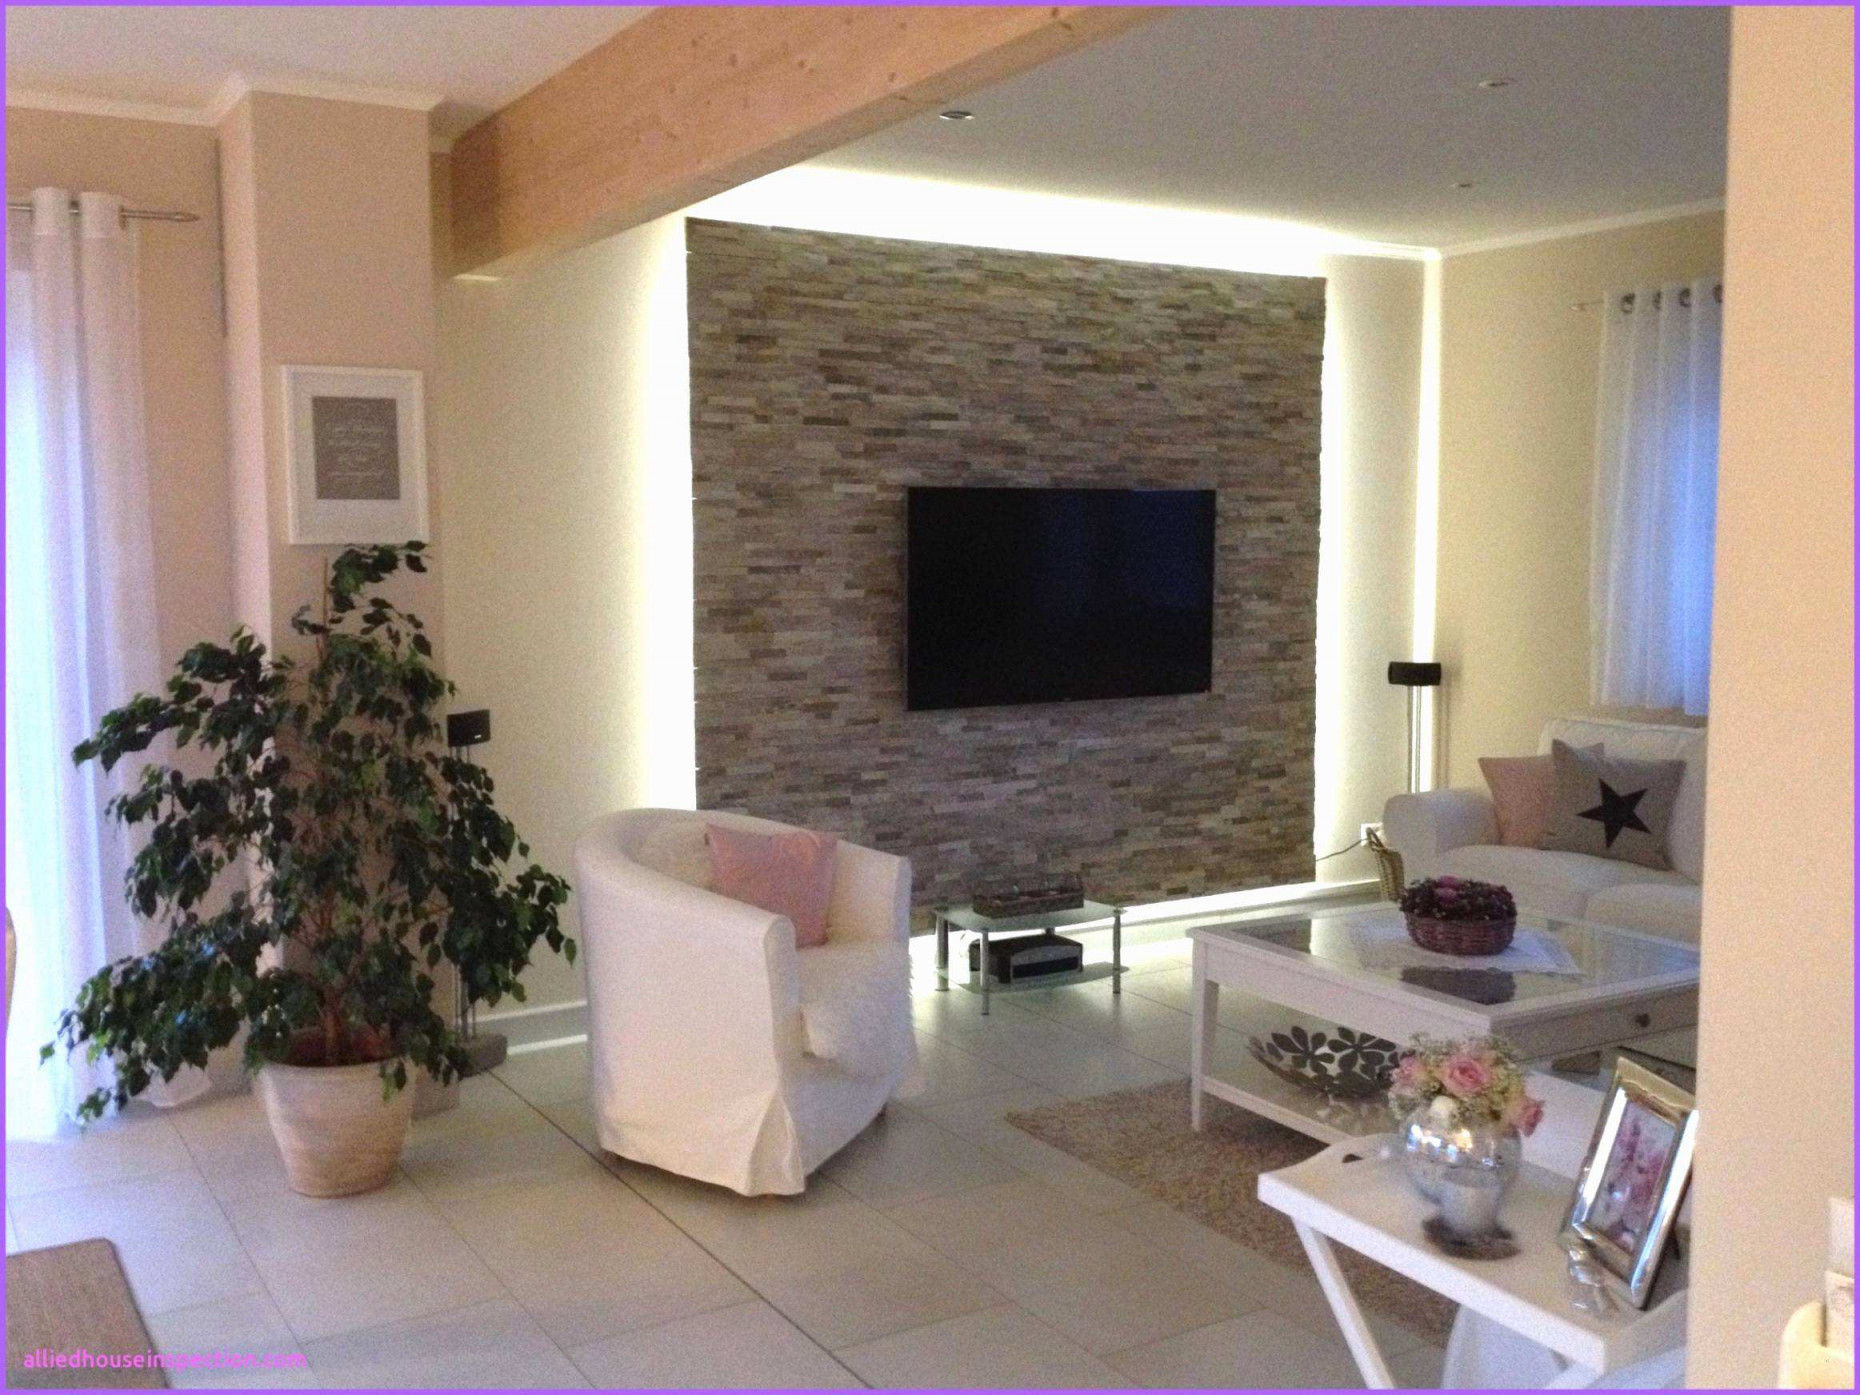 Wohnzimmer Landhausstil Gestalten Luxus Wohnzimmer Ideen von Wohnzimmer Ideen Landhausstil Bild